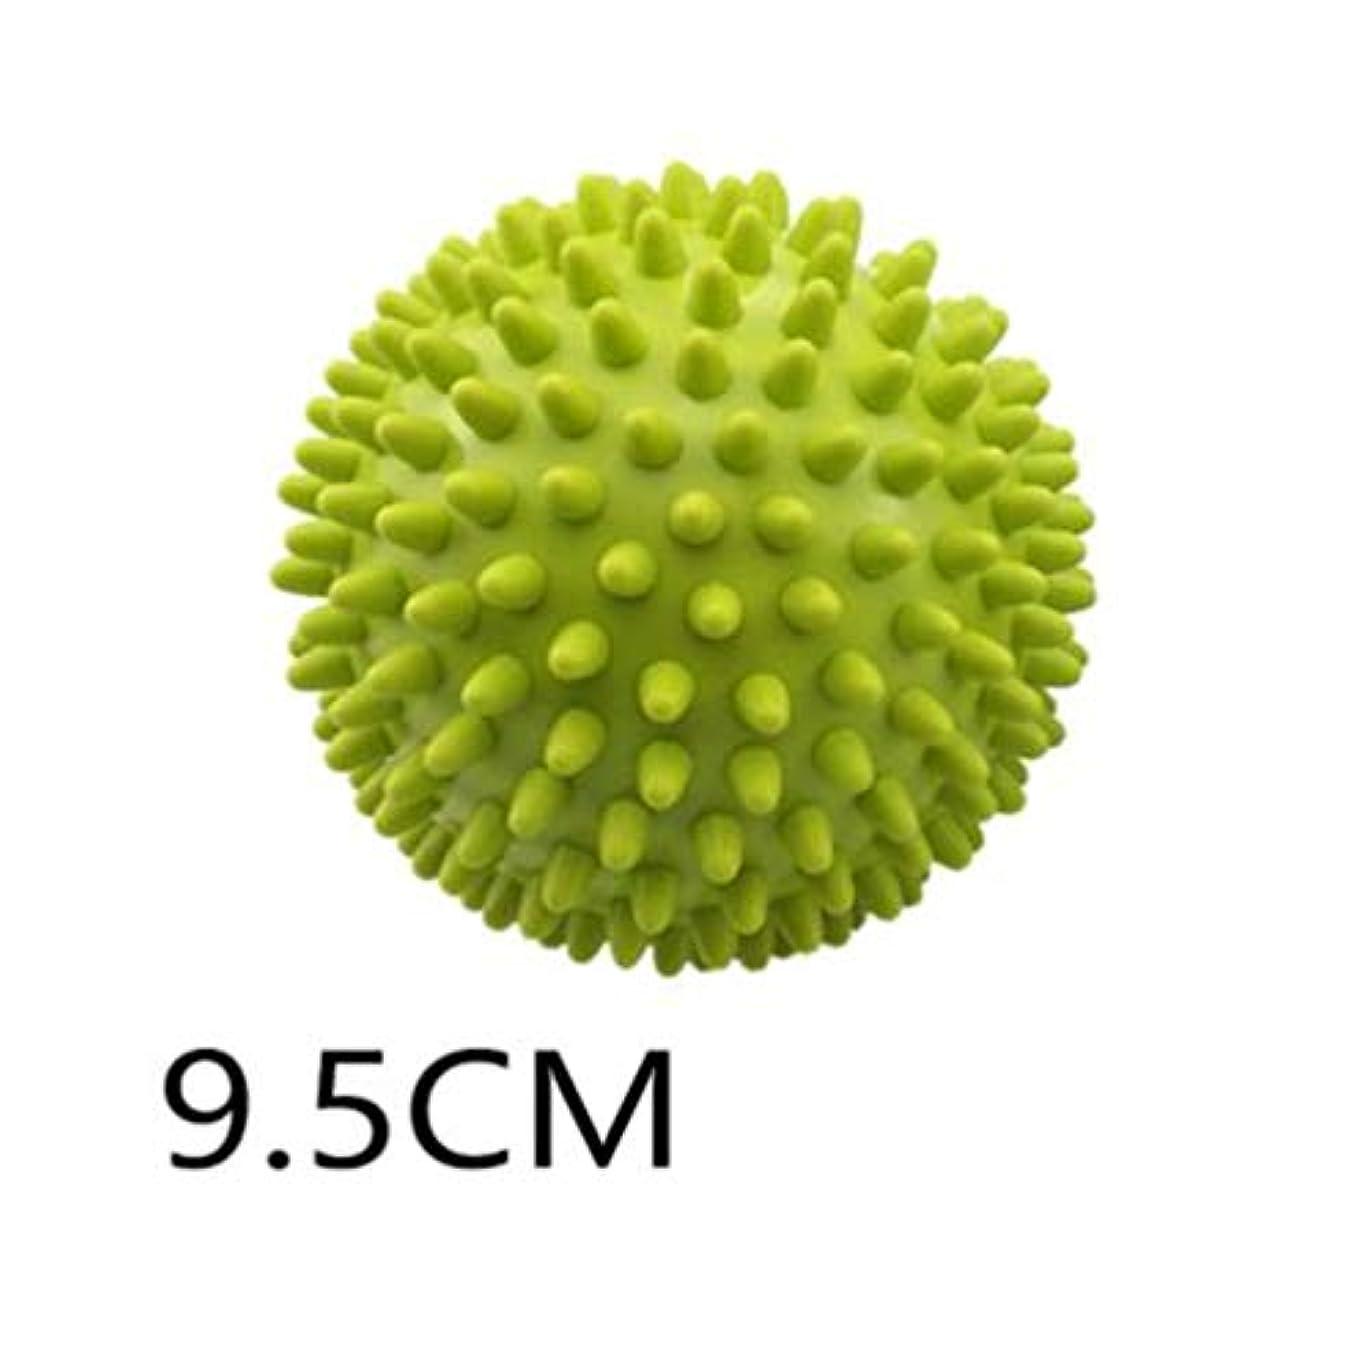 装備する優先スチュワードとげのボール - グリーン